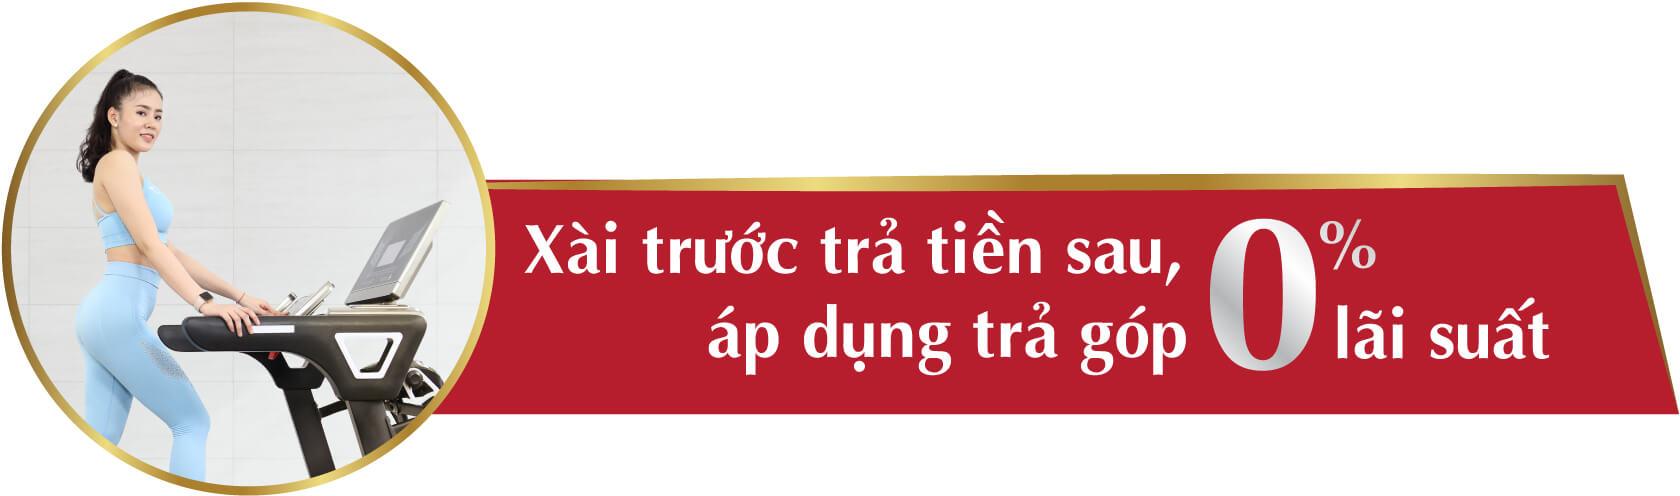 tra gop 0